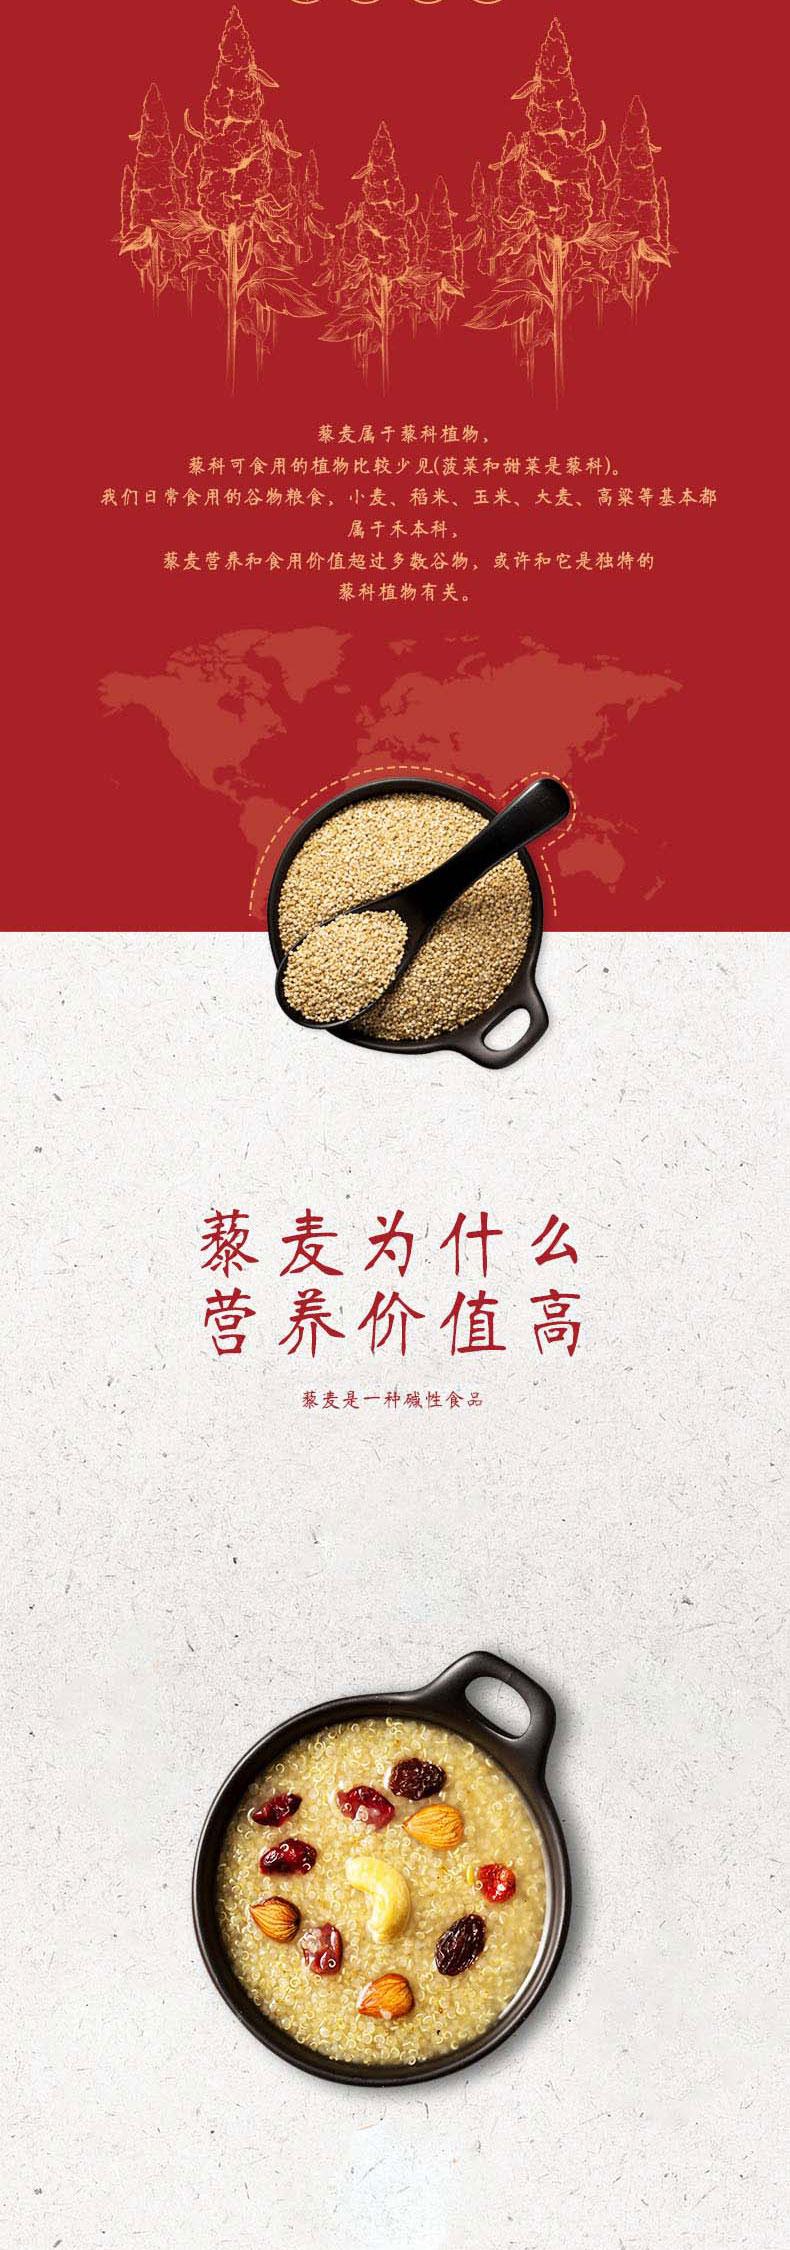 500g藜麦米详情页_05